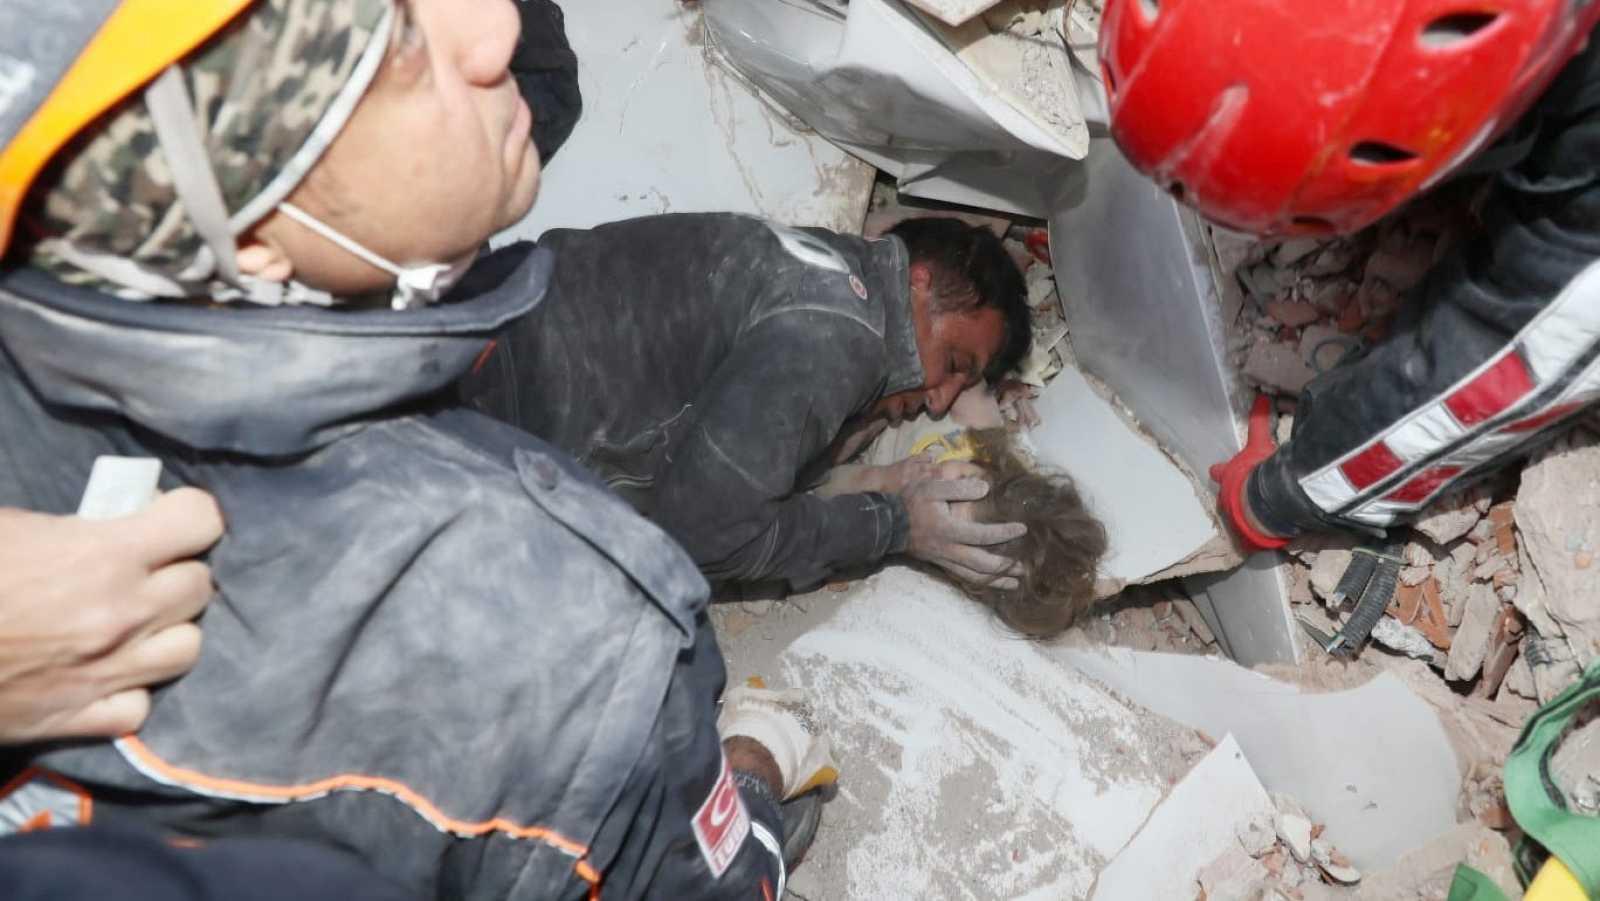 Momento en que se produce el hallazgo de la niña Ayda Gezgin cuatro días después del terremoto, bajo los escombros.